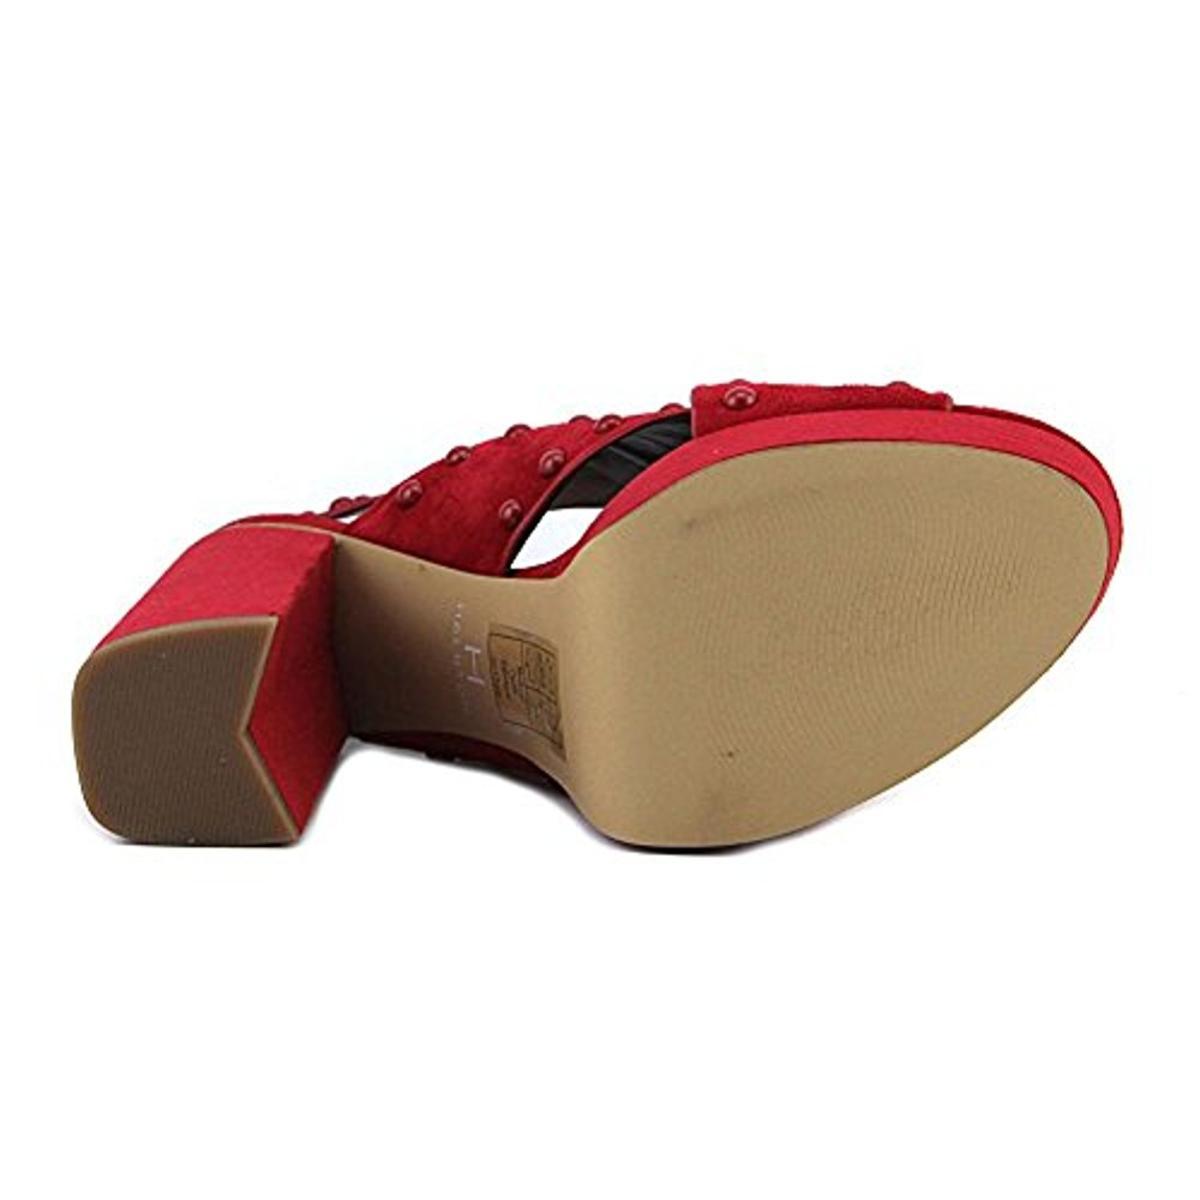 H Halston Damenschuhe Bailey Criss Cross Block Heel Platform Sandales Schuhes BHFO 2810